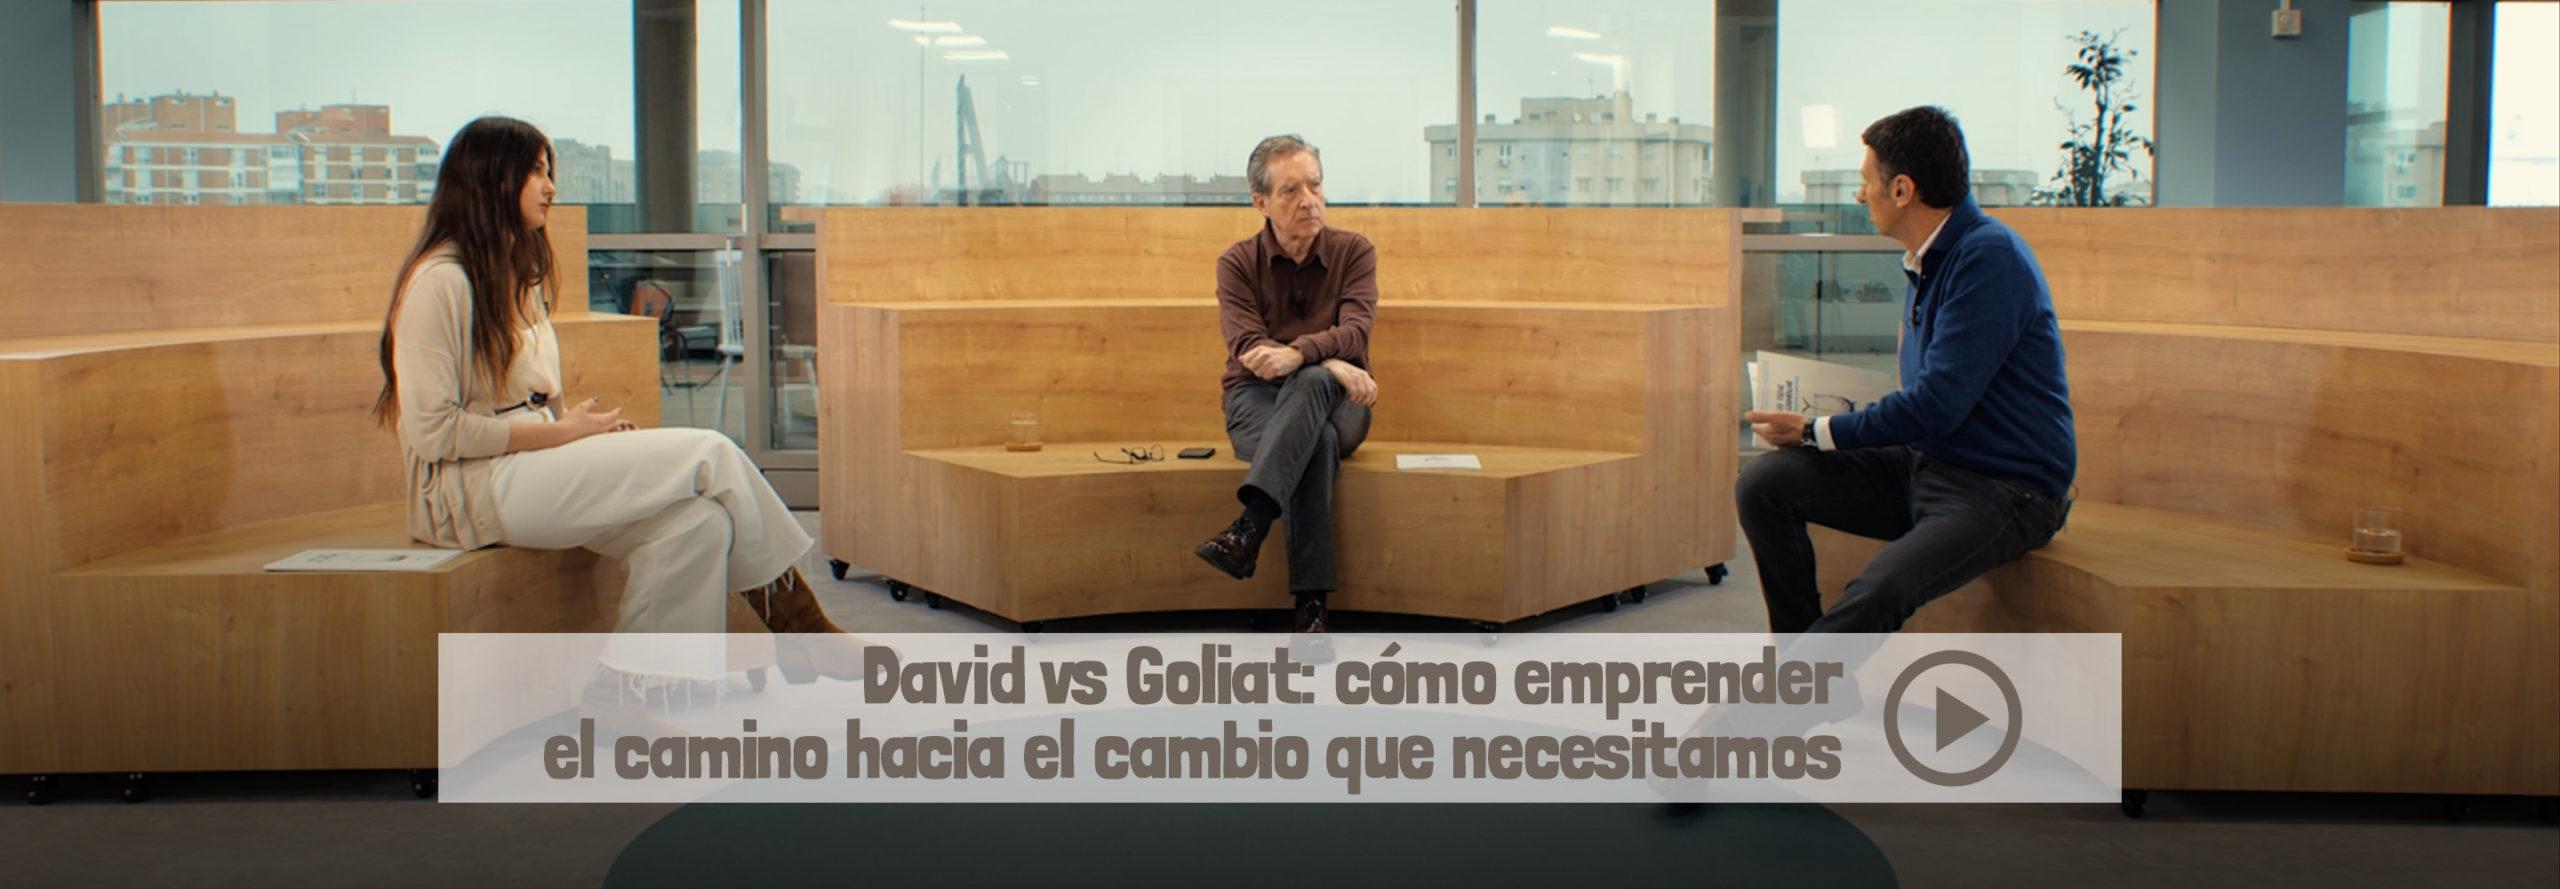 David VS Goliat. Algo tiene que cambiar